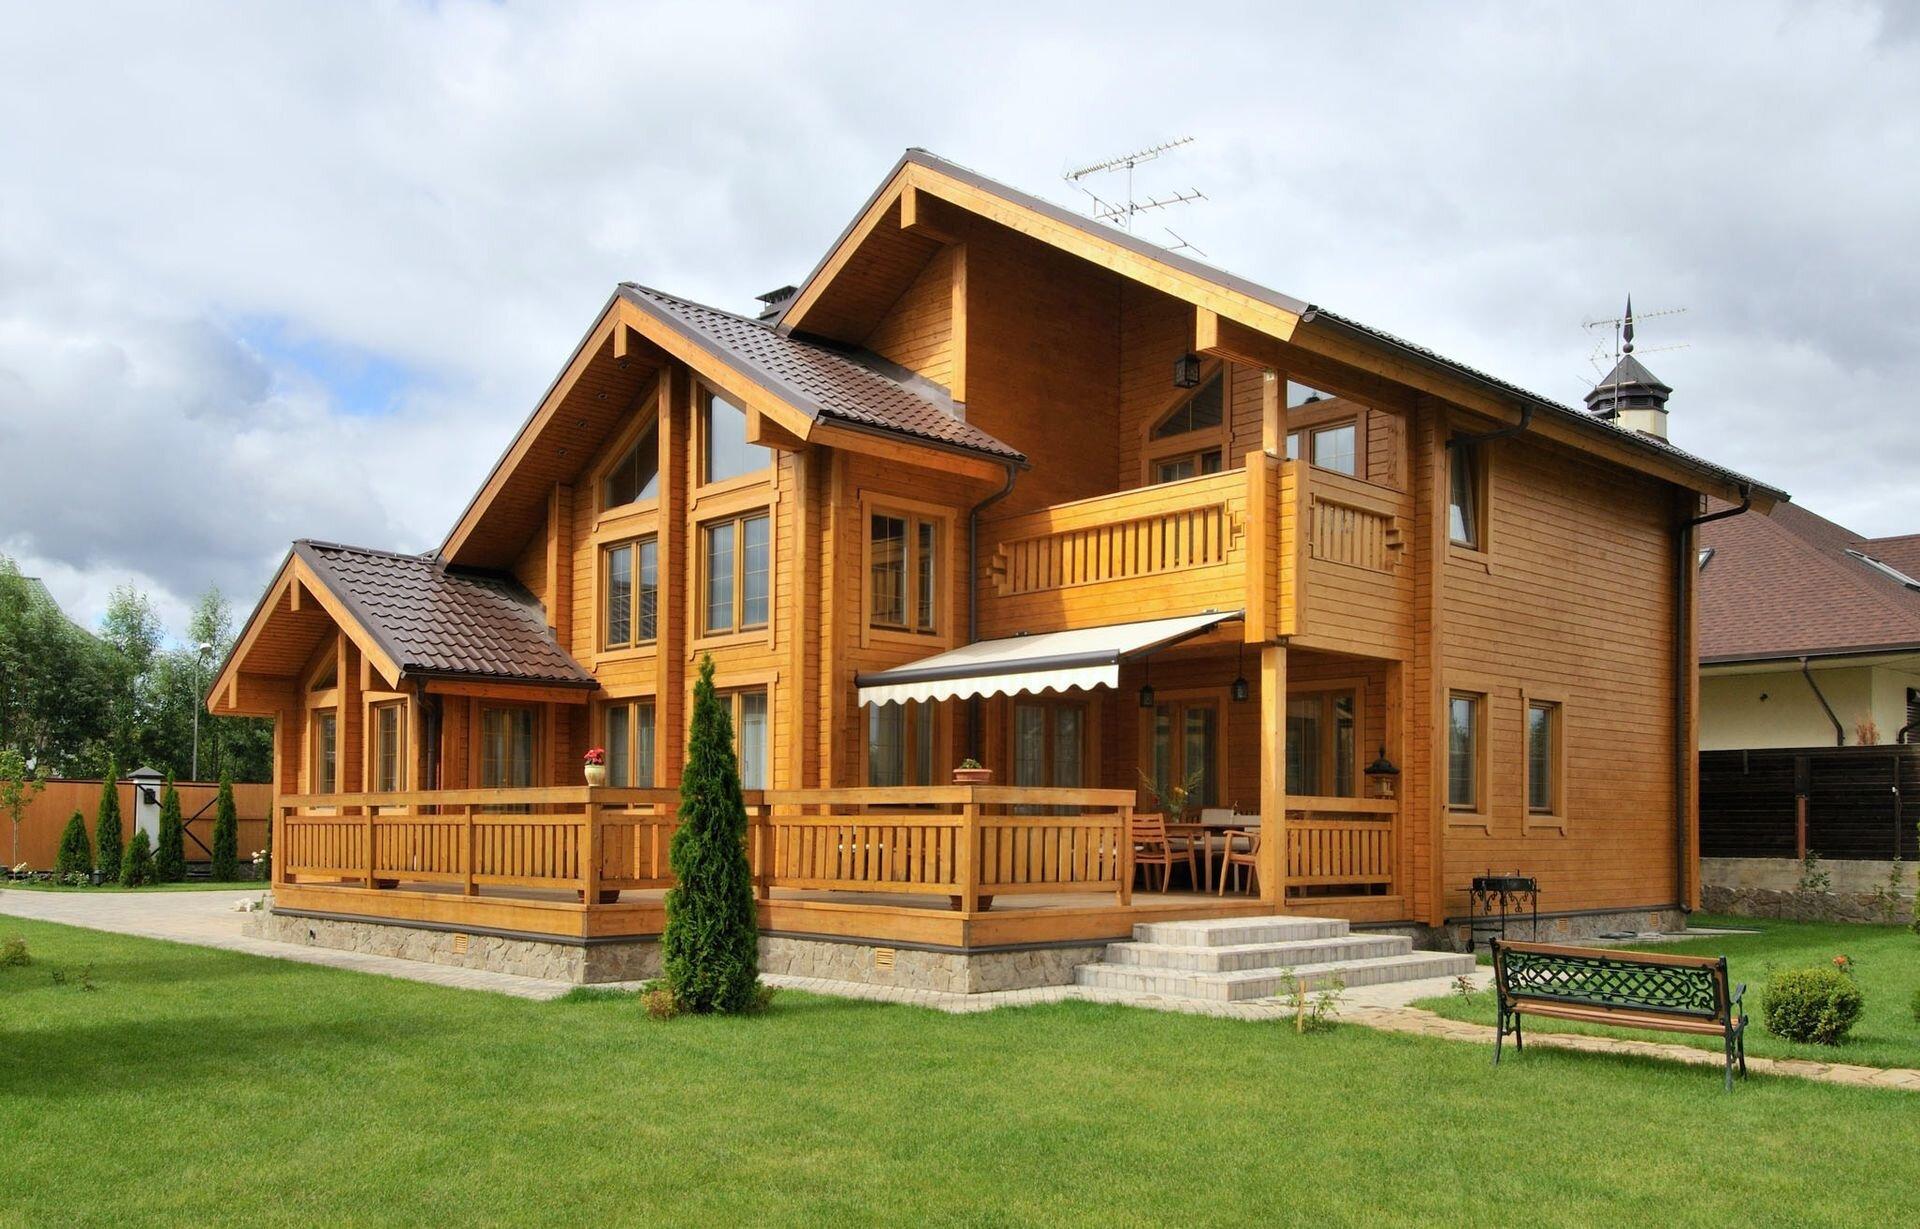 Авторский дизайн интерьеров деревянного дома - фото pic_6b4e419088d200d_1920x9000_1.jpg